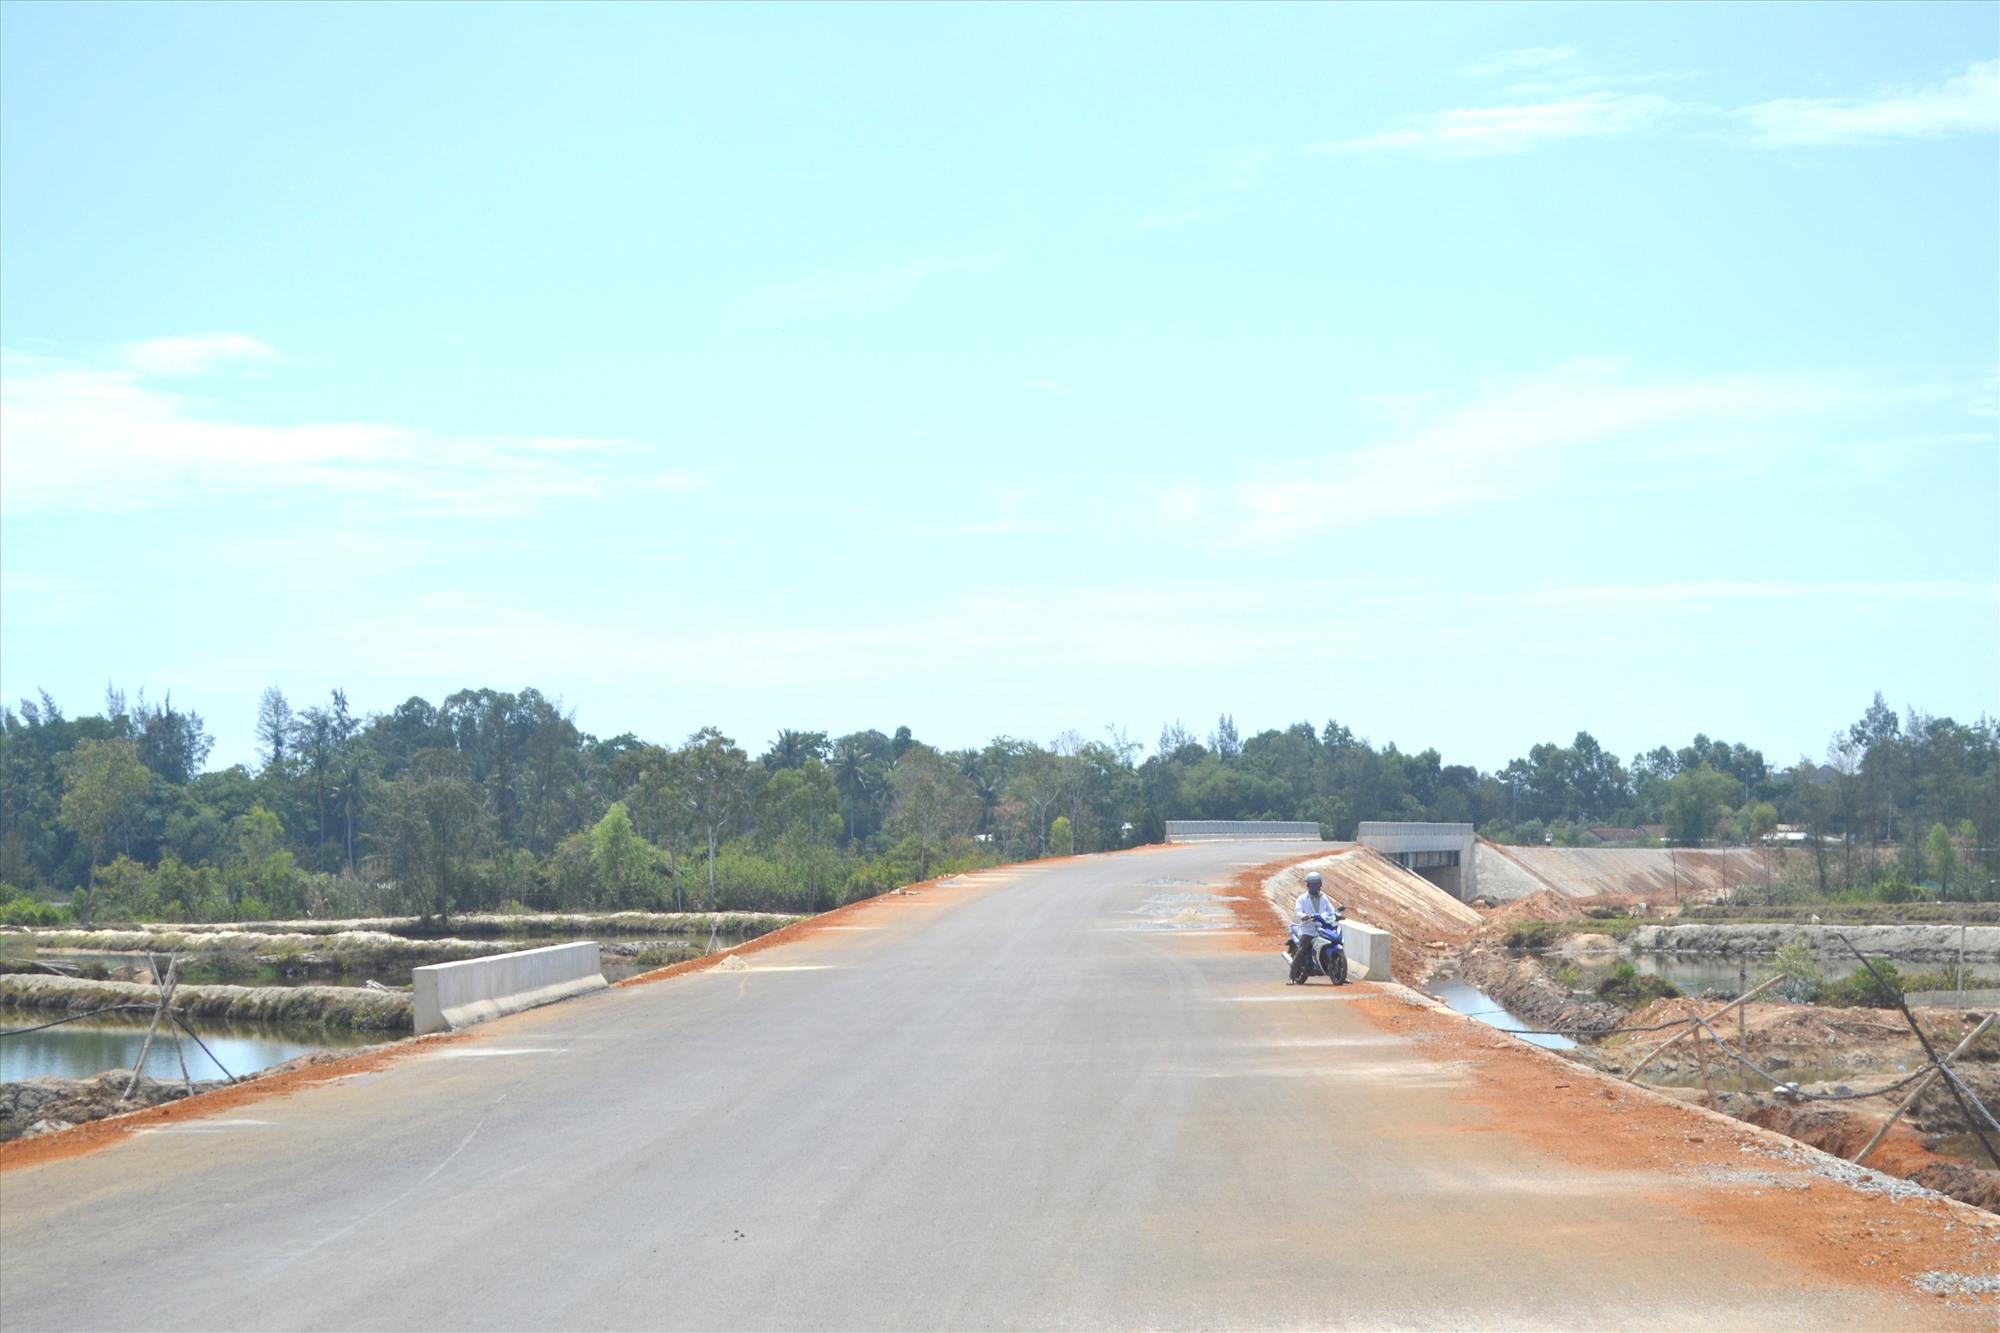 Nhà thầu đã thảm nhựa mặt đường được chiều dài khoảng 16km. Ảnh: CT